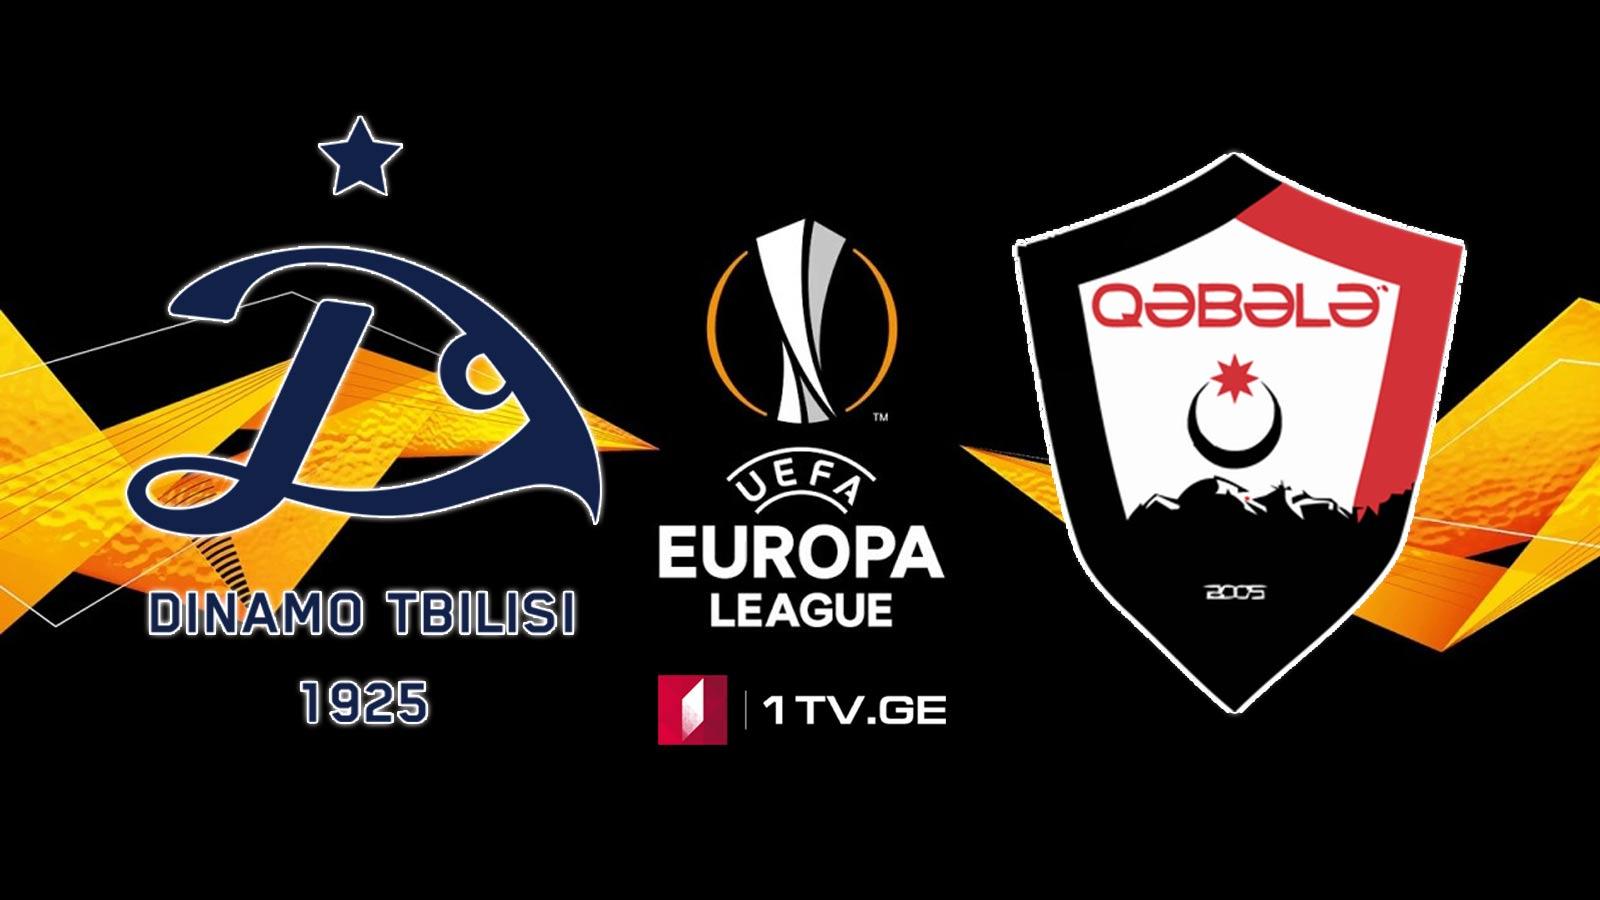 """""""დინამო თბილისი"""" - """"გაბალა"""", აზერბაიჯანი / Europa League - Dinamo Tbilisi vs Gabala FK #LIVE"""